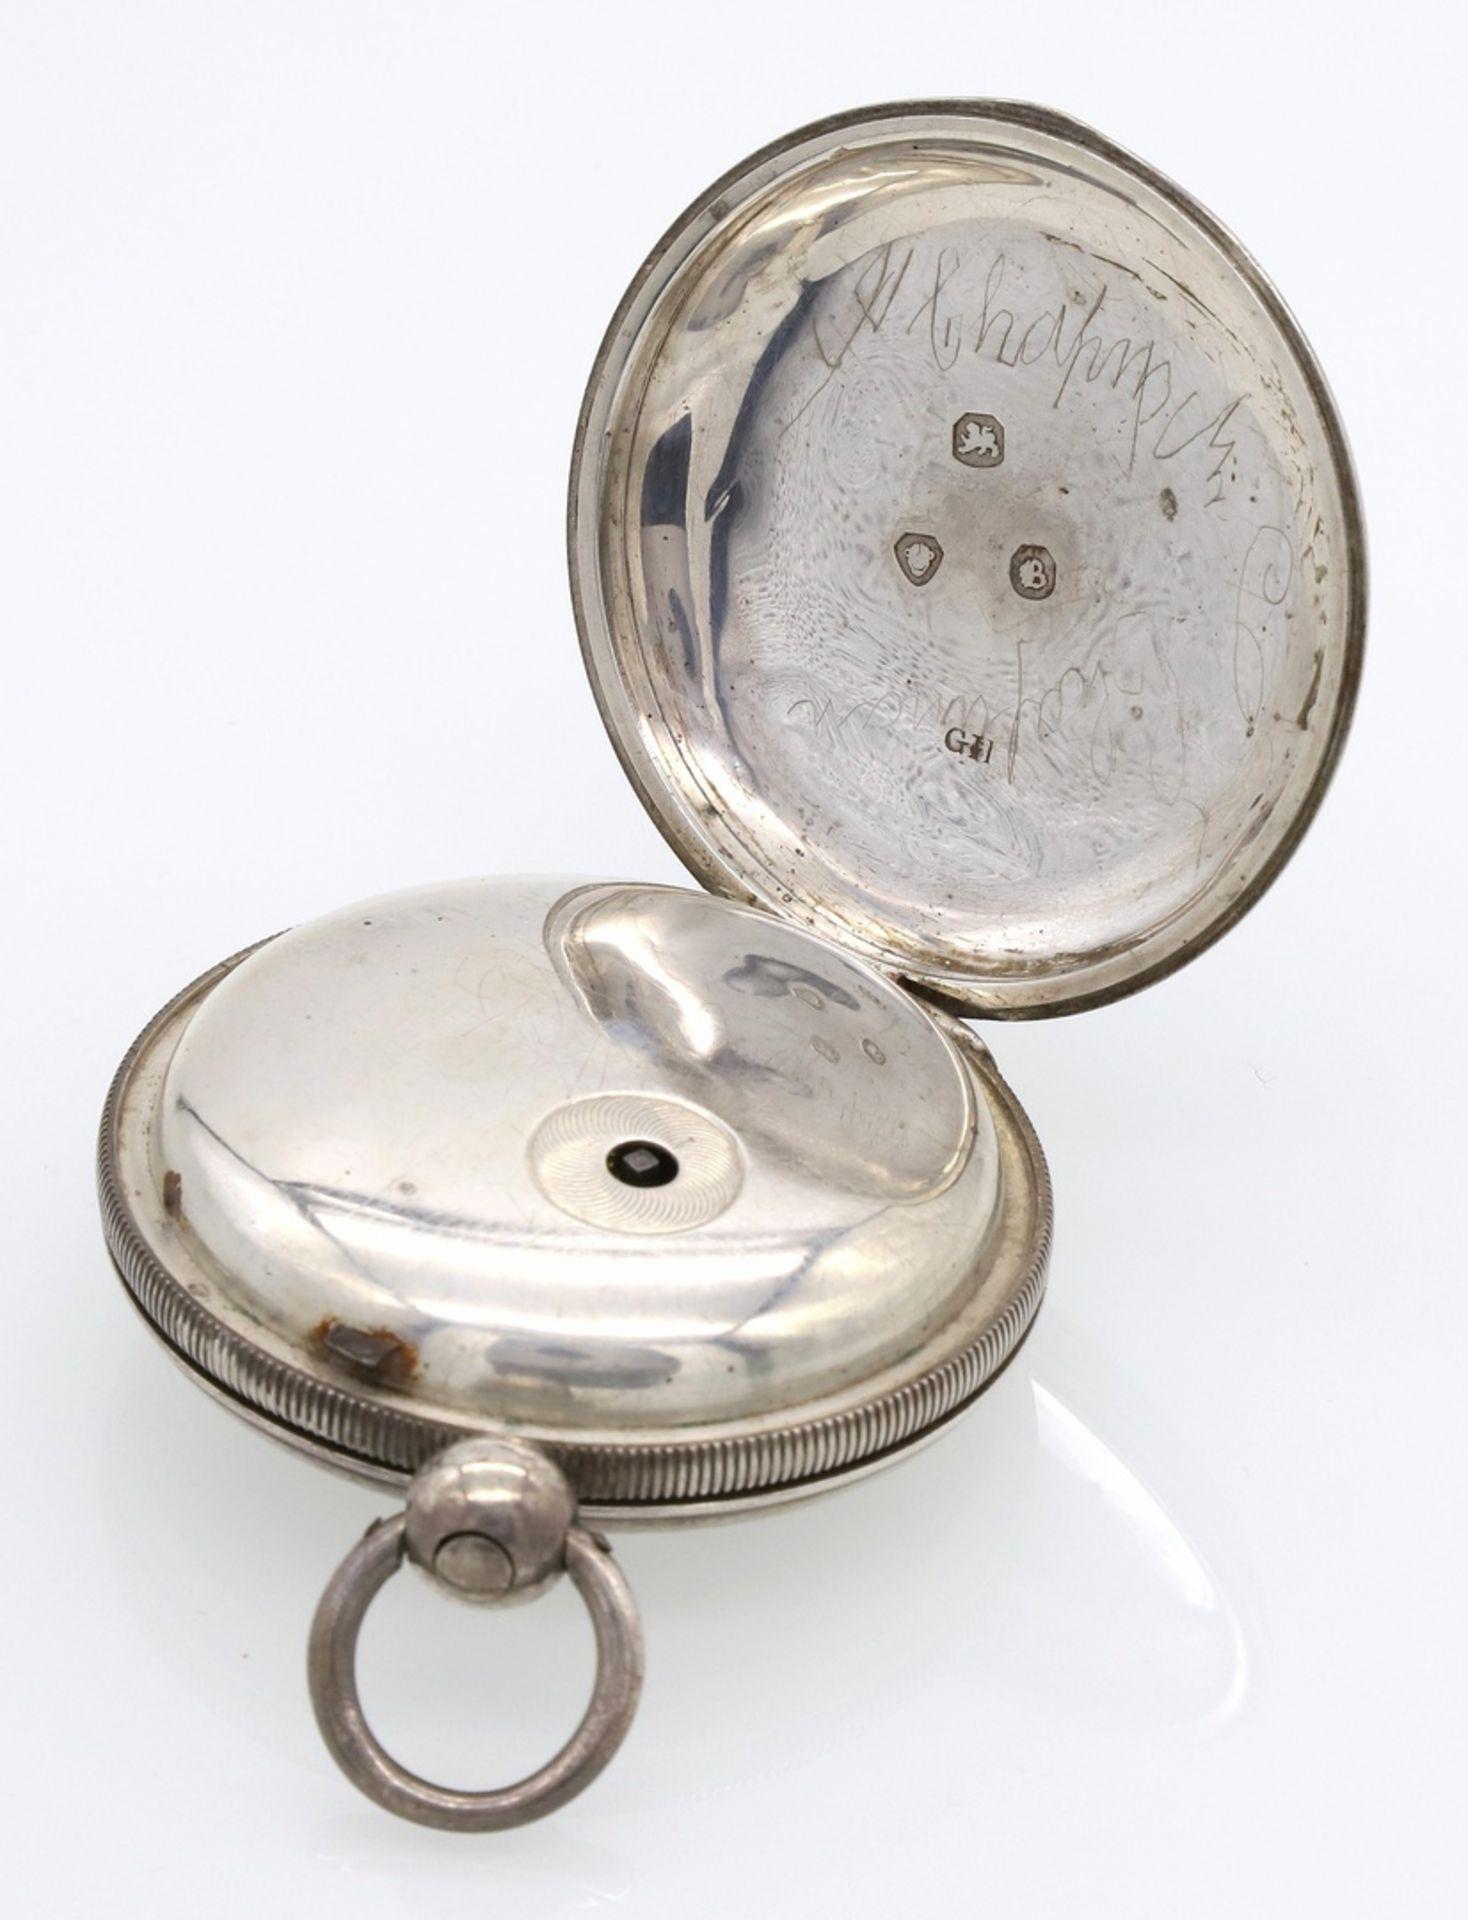 Bennet Wing London Spindeltaschenuhr mit Sprungdeckel, 1837 - Bild 2 aus 6